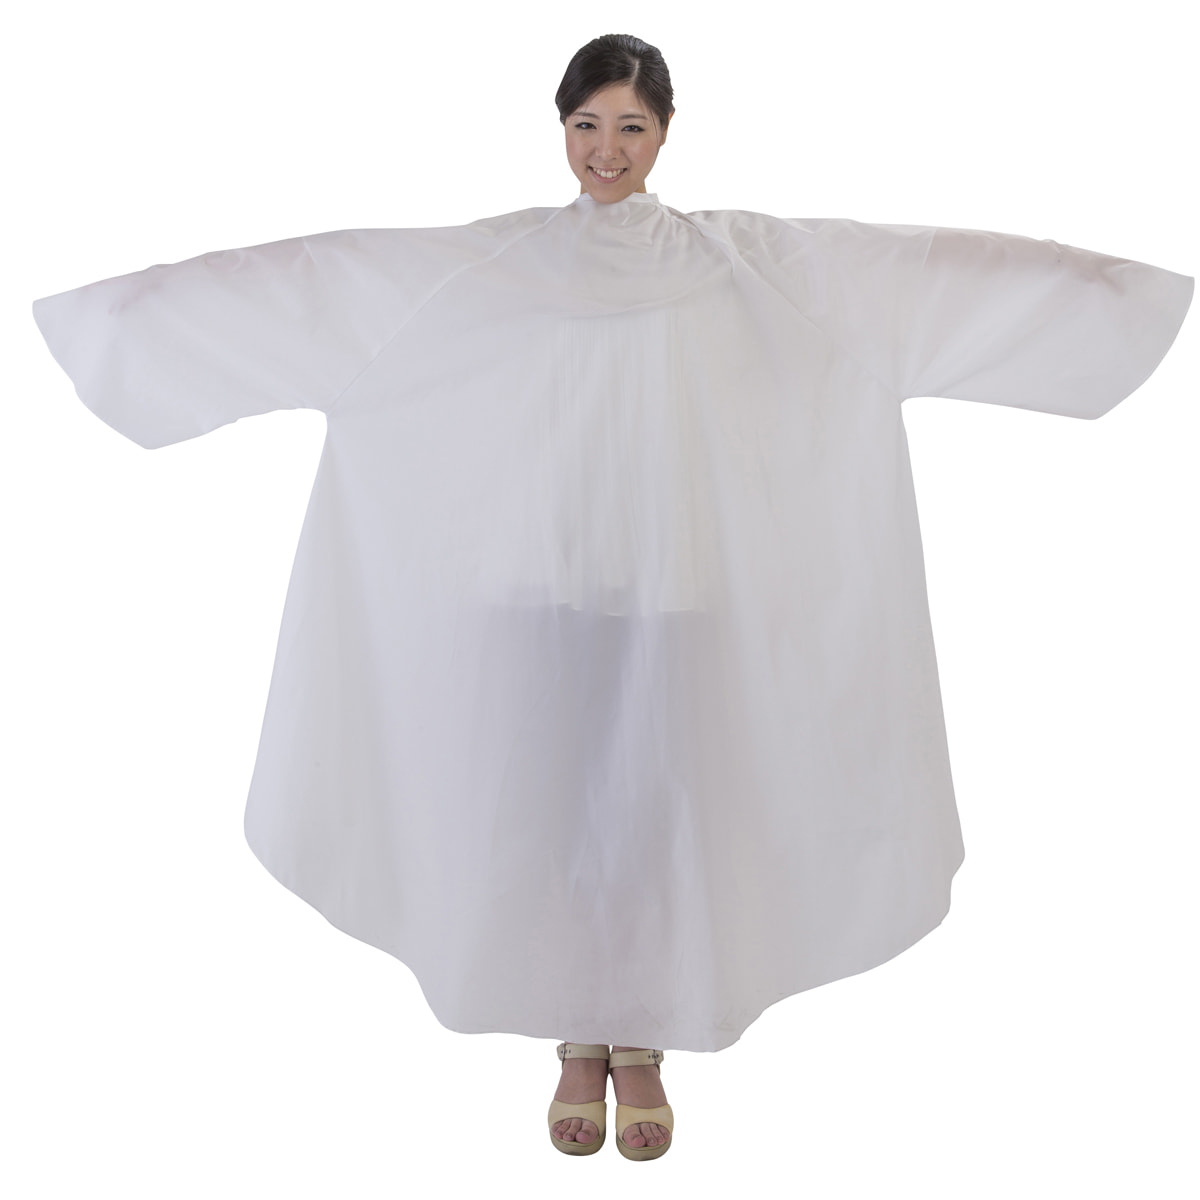 袖付カットクロスBIG(防水&静電気防止仕様)